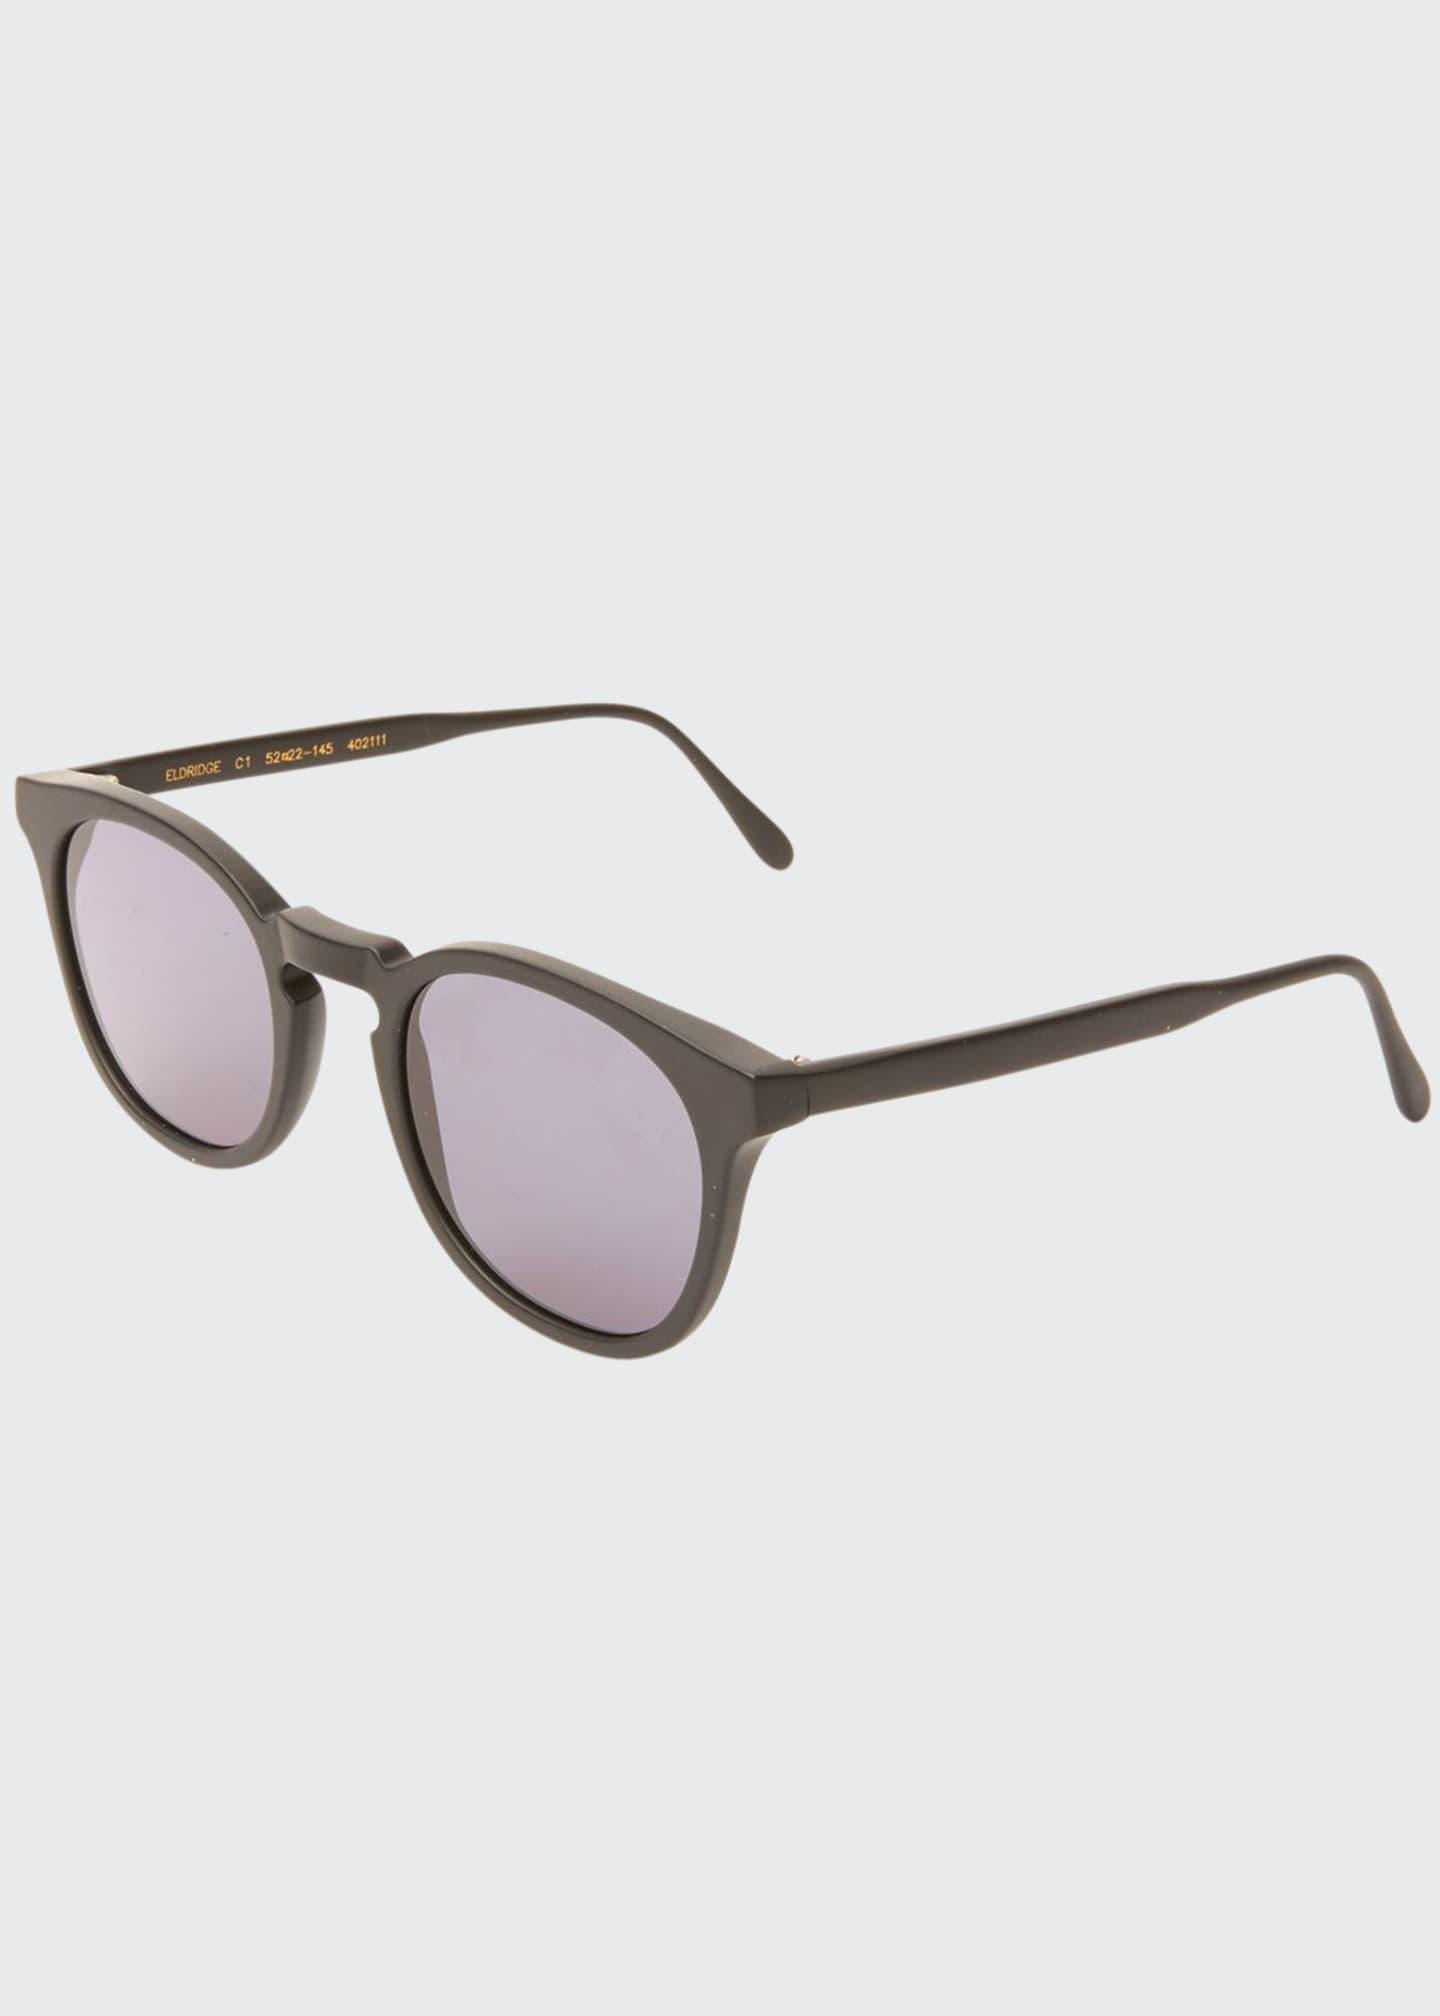 Illesteva Round Acetate Sunglasses